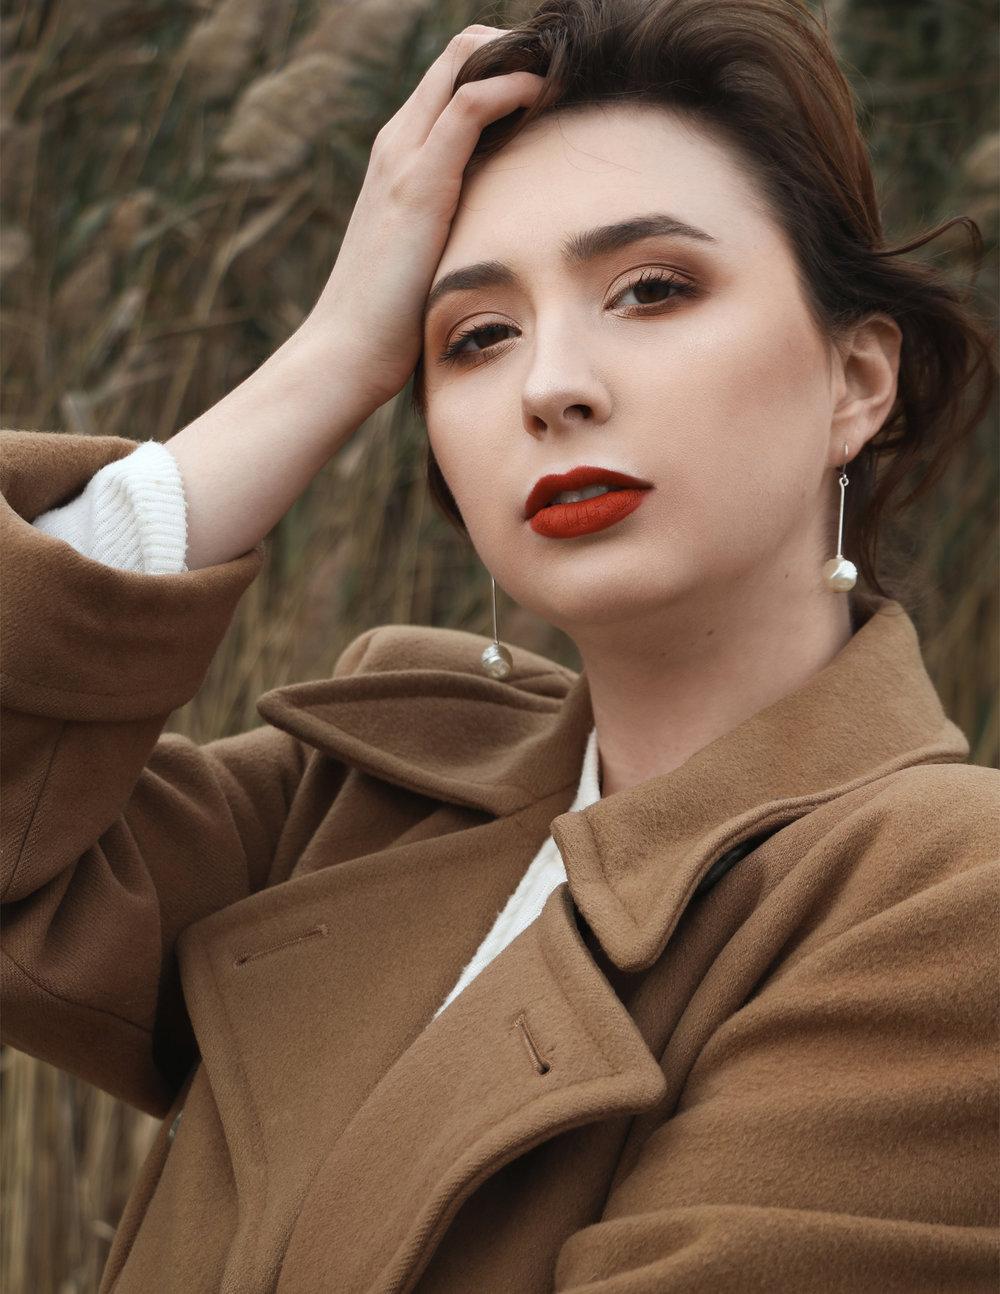 Coat - Vintage Sweater, Earrings - Jeanne Danjou